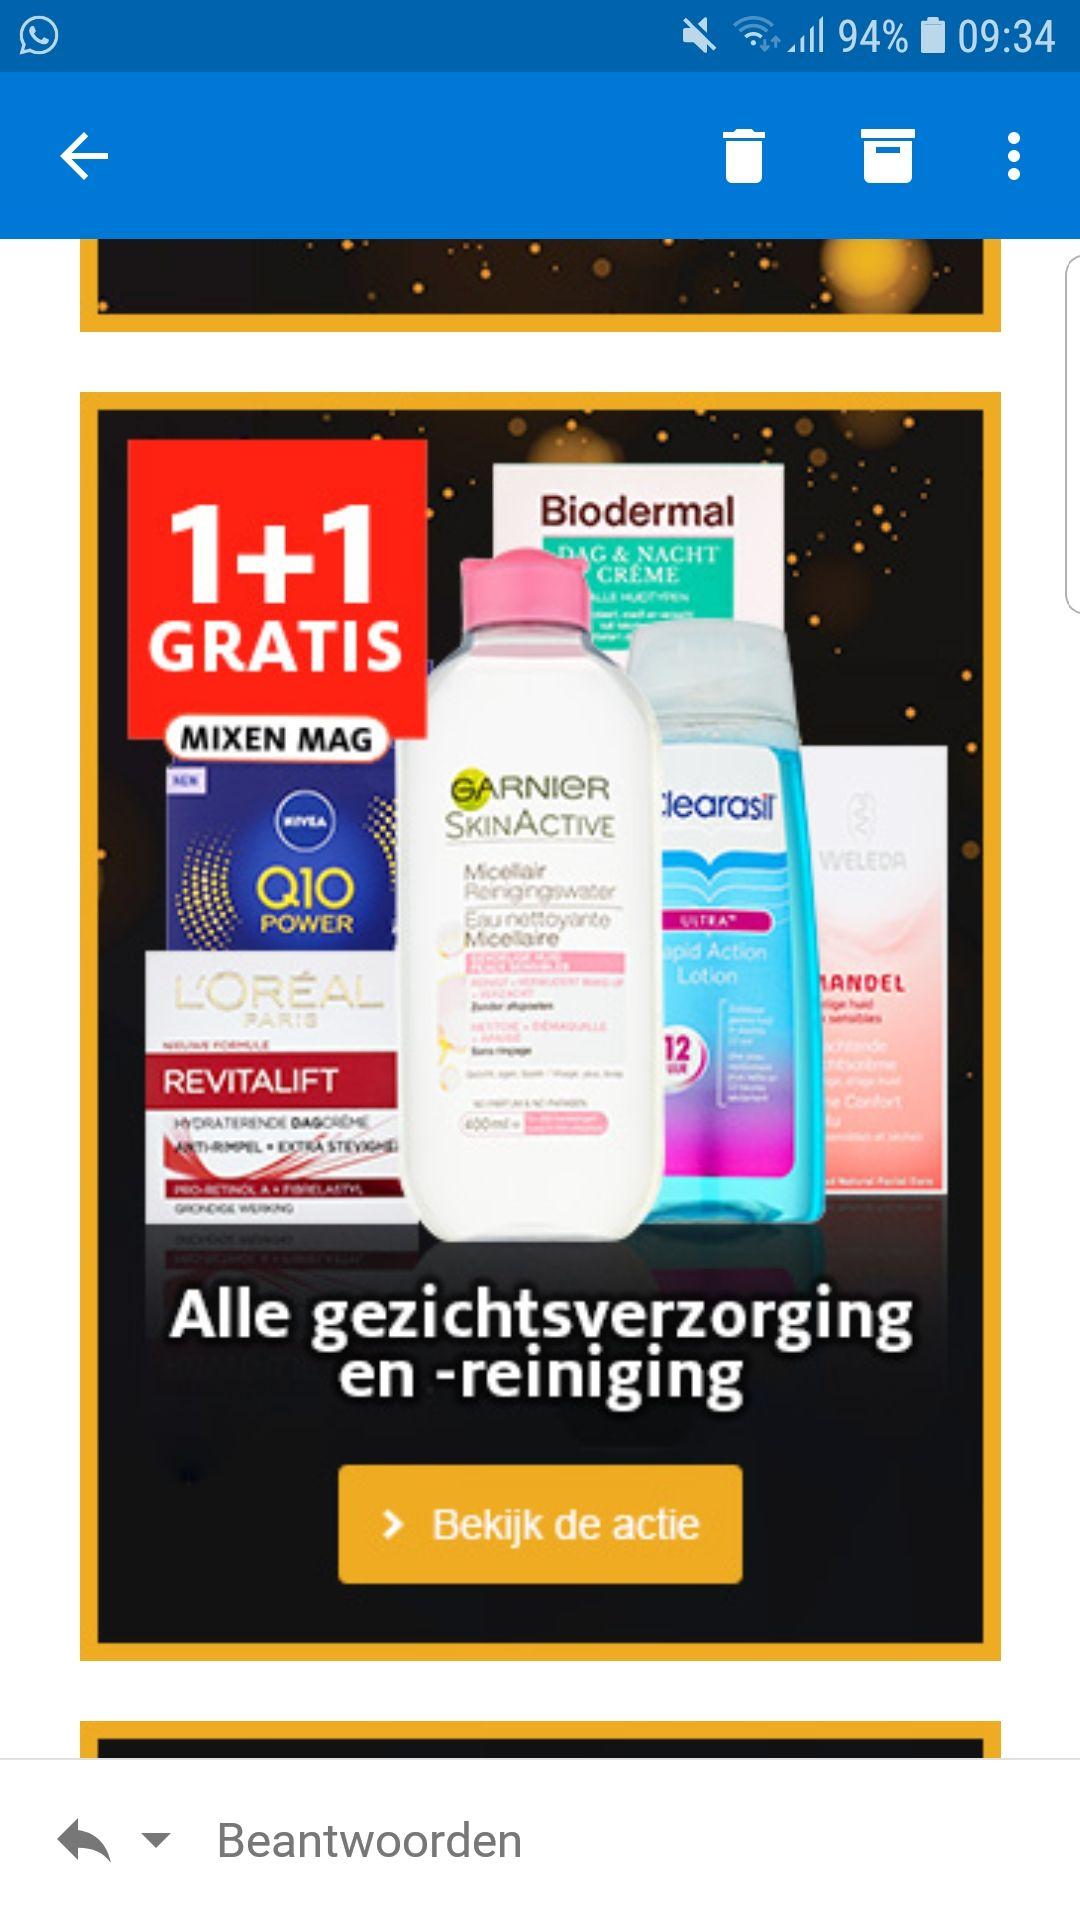 Etos weekendactie : 1 + 1 gratis op alle gezichtsverzorging en -reiniging